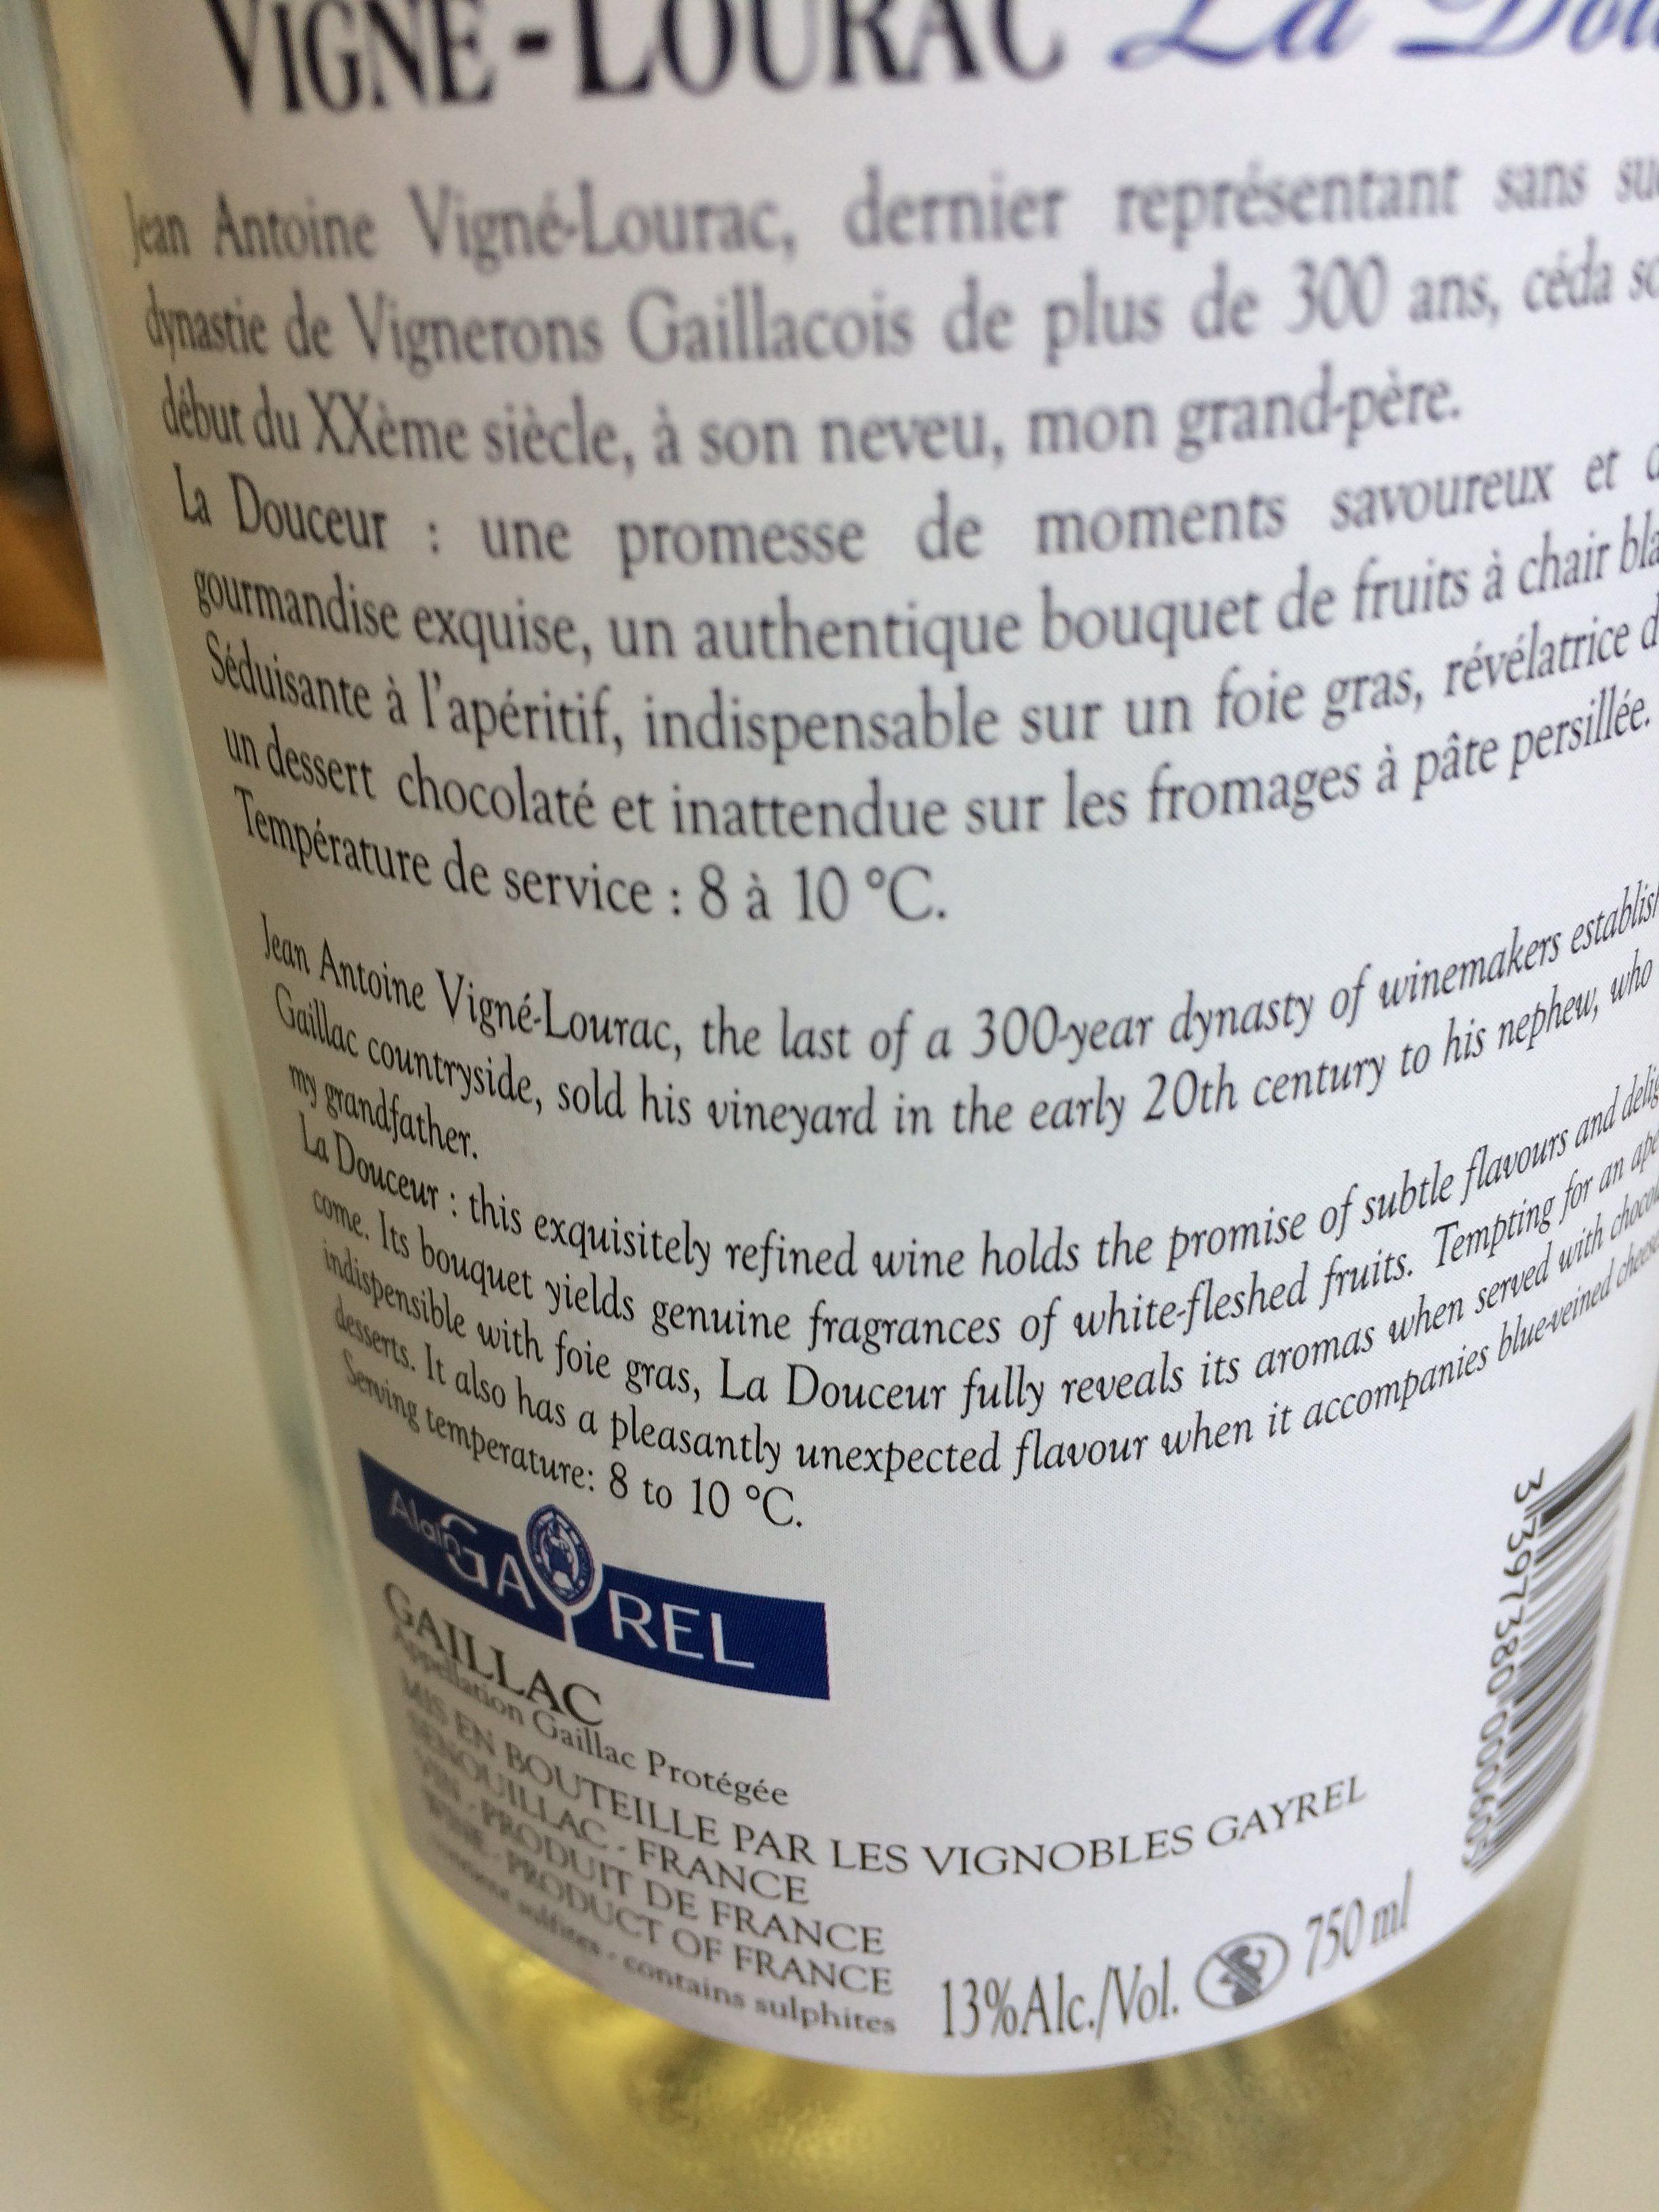 Bouteille De Vin Aoc Gaillac Blanc Doux 75 CL Douceur - Ingredients